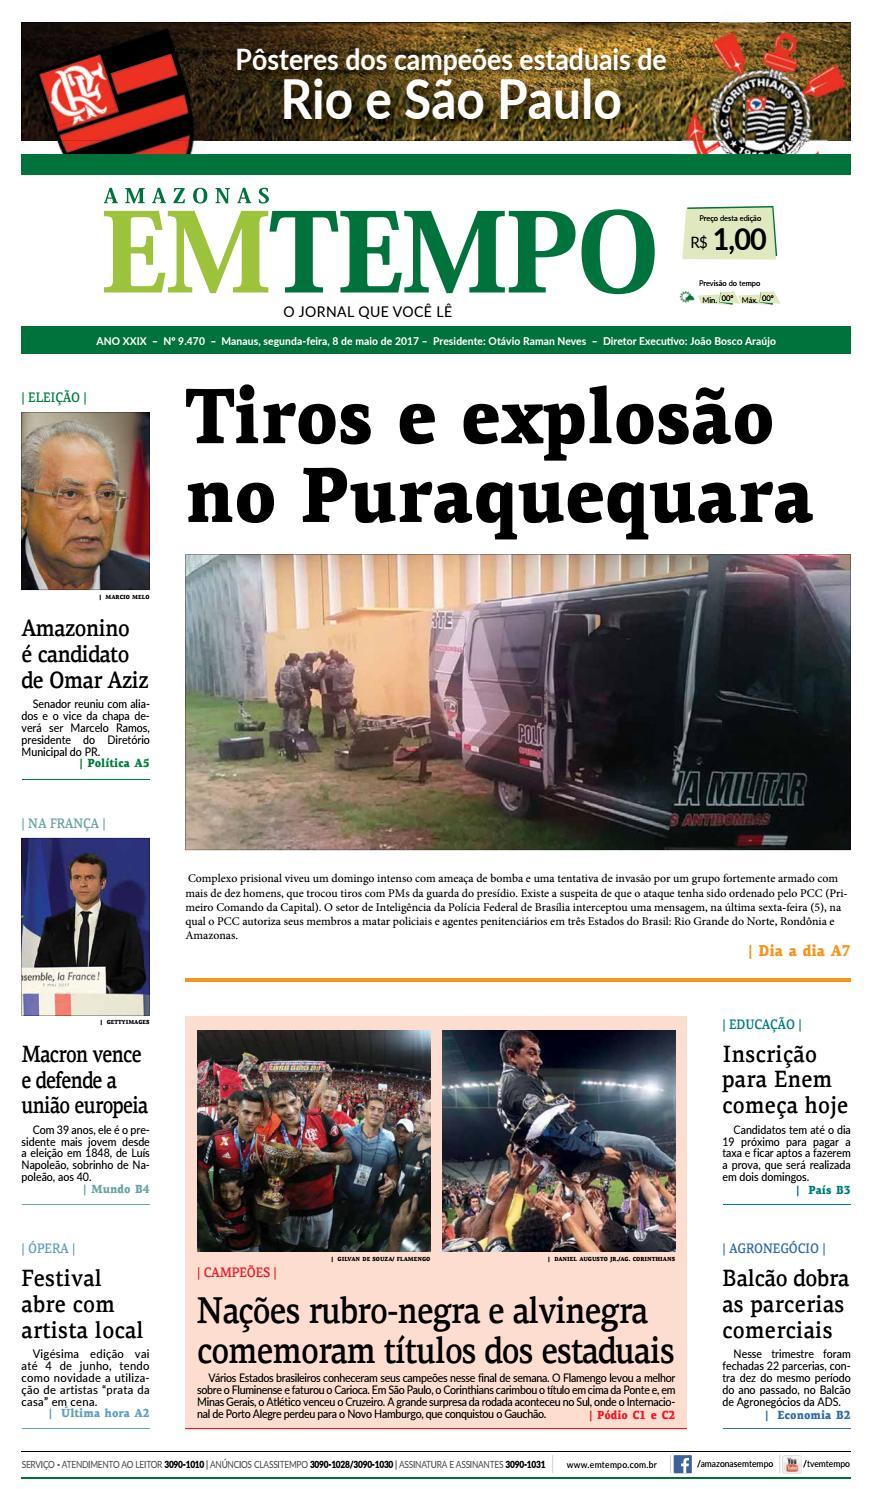 EM TEMPO - 8 de maio de 2017 by Amazonas Em Tempo - issuu c1069fca813